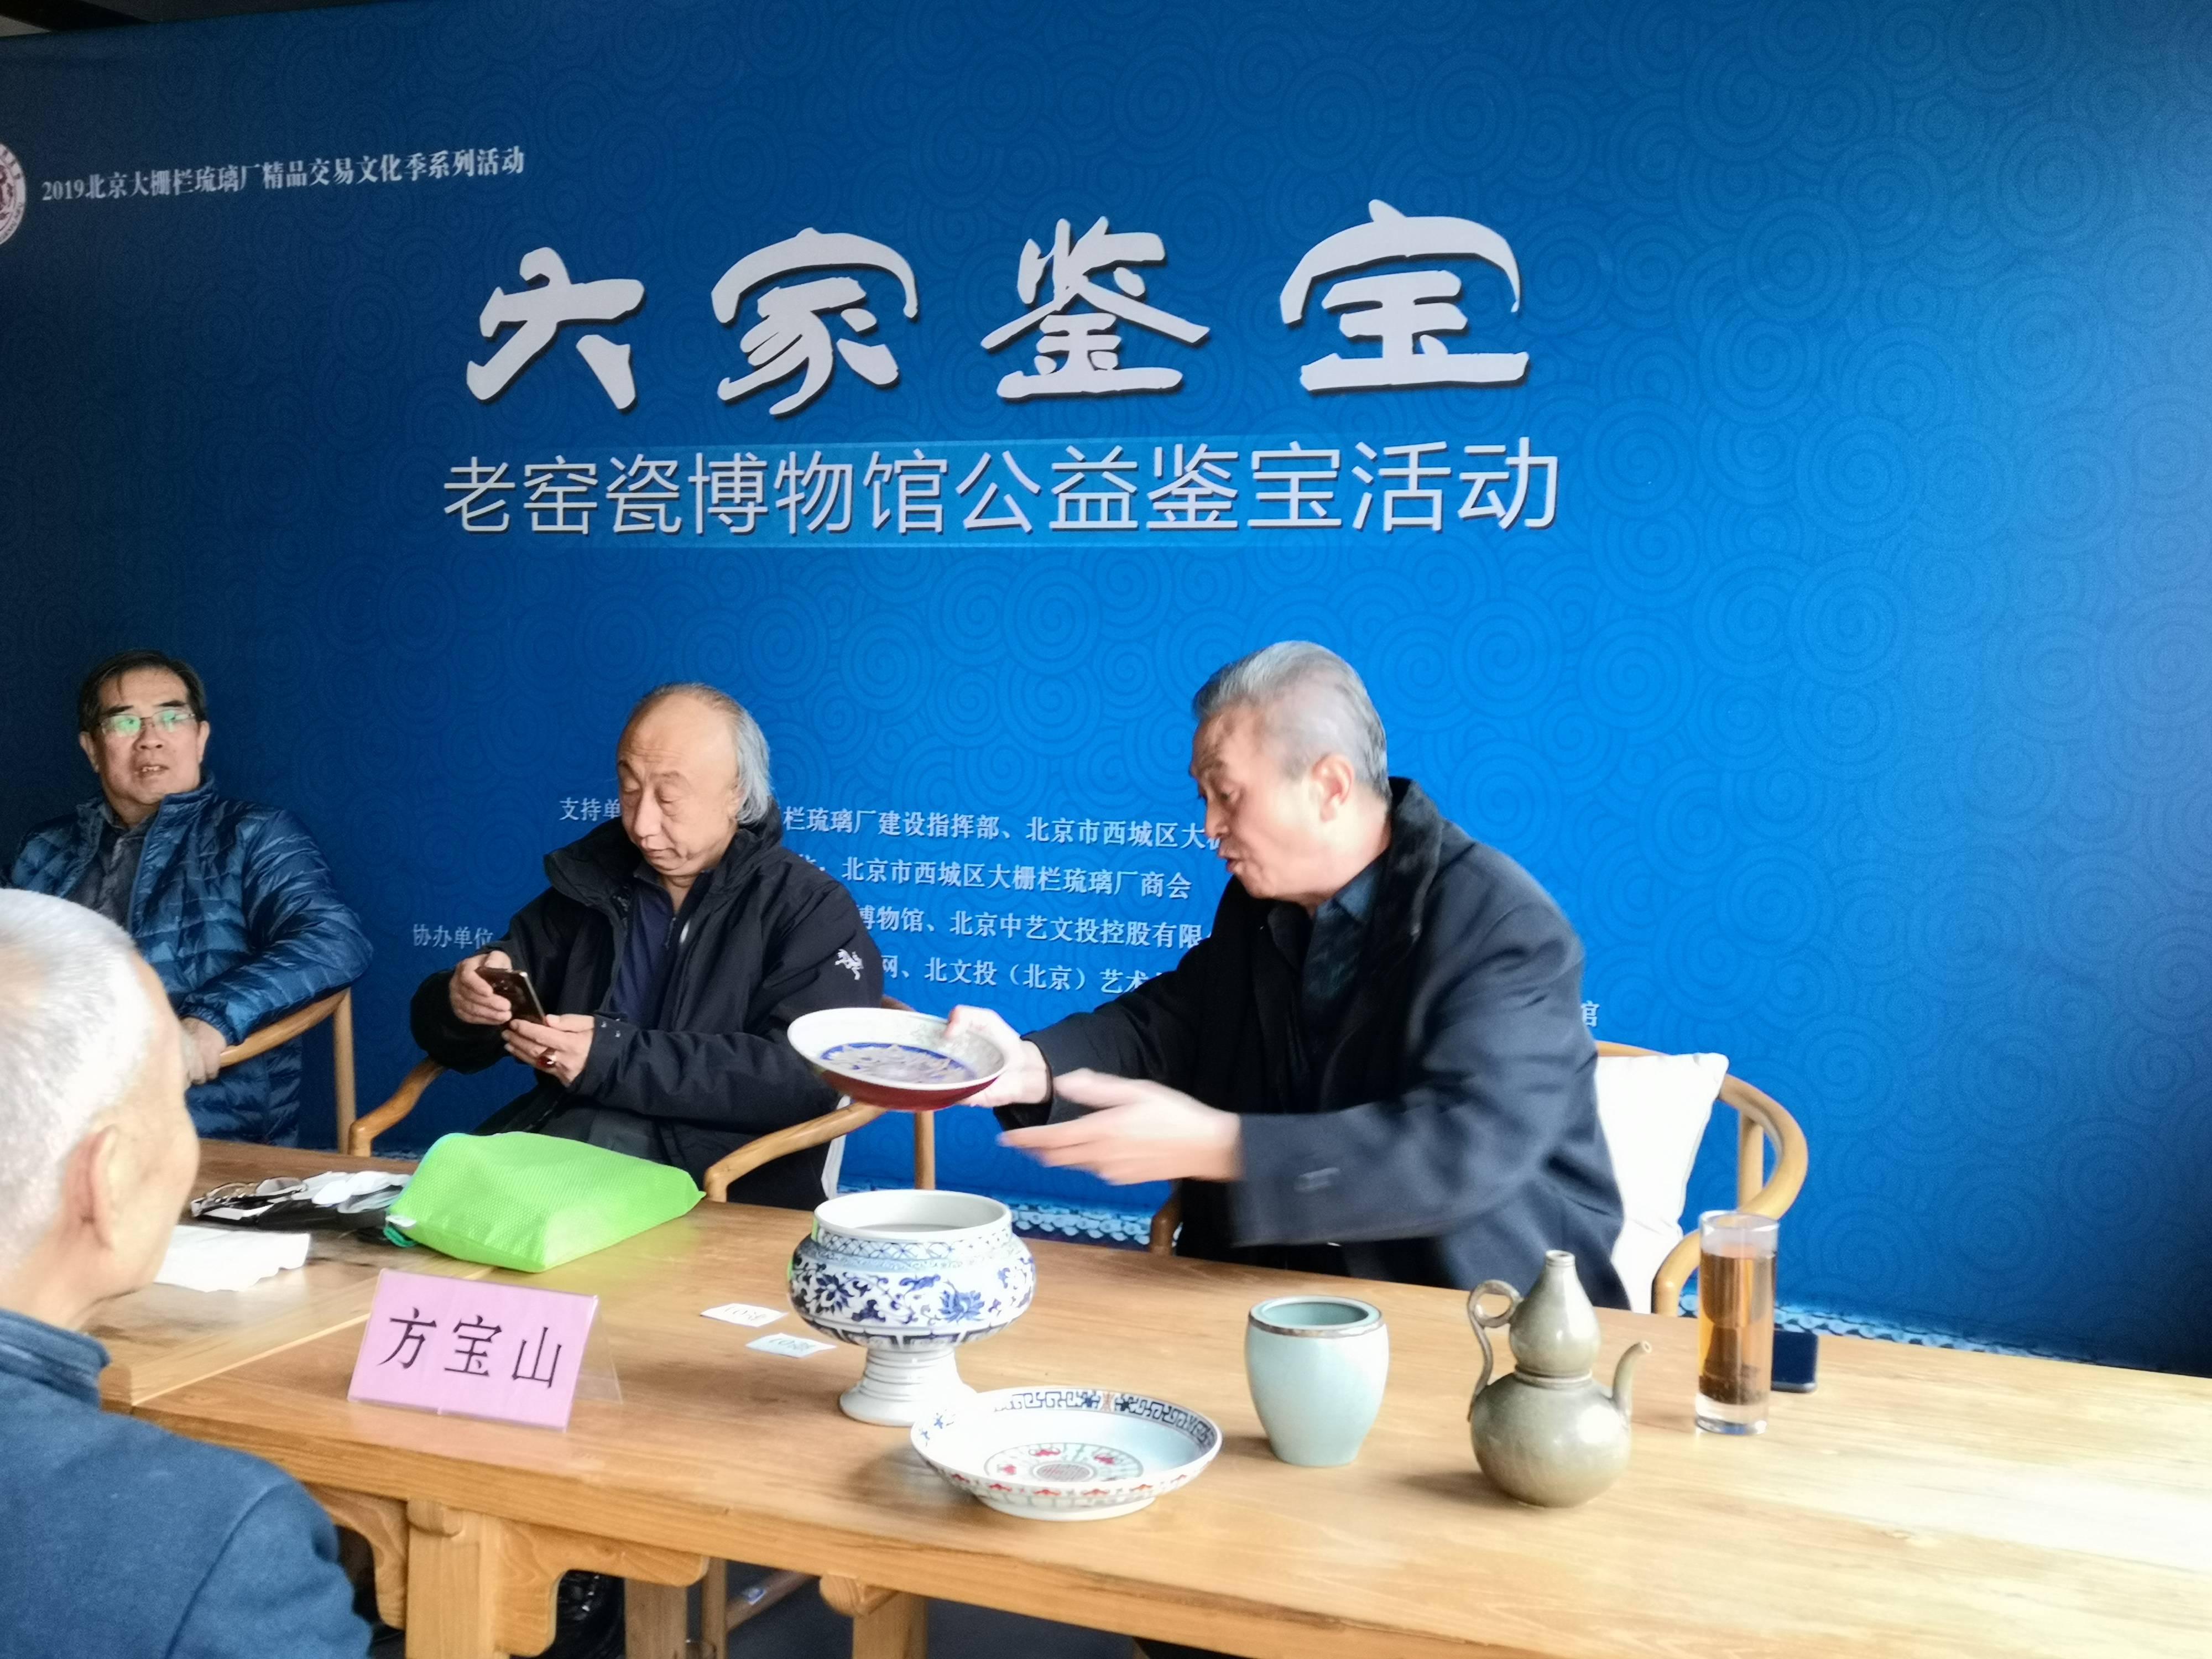 大家鑒寶—老窯瓷博物館公益鑒寶活動圓滿舉行